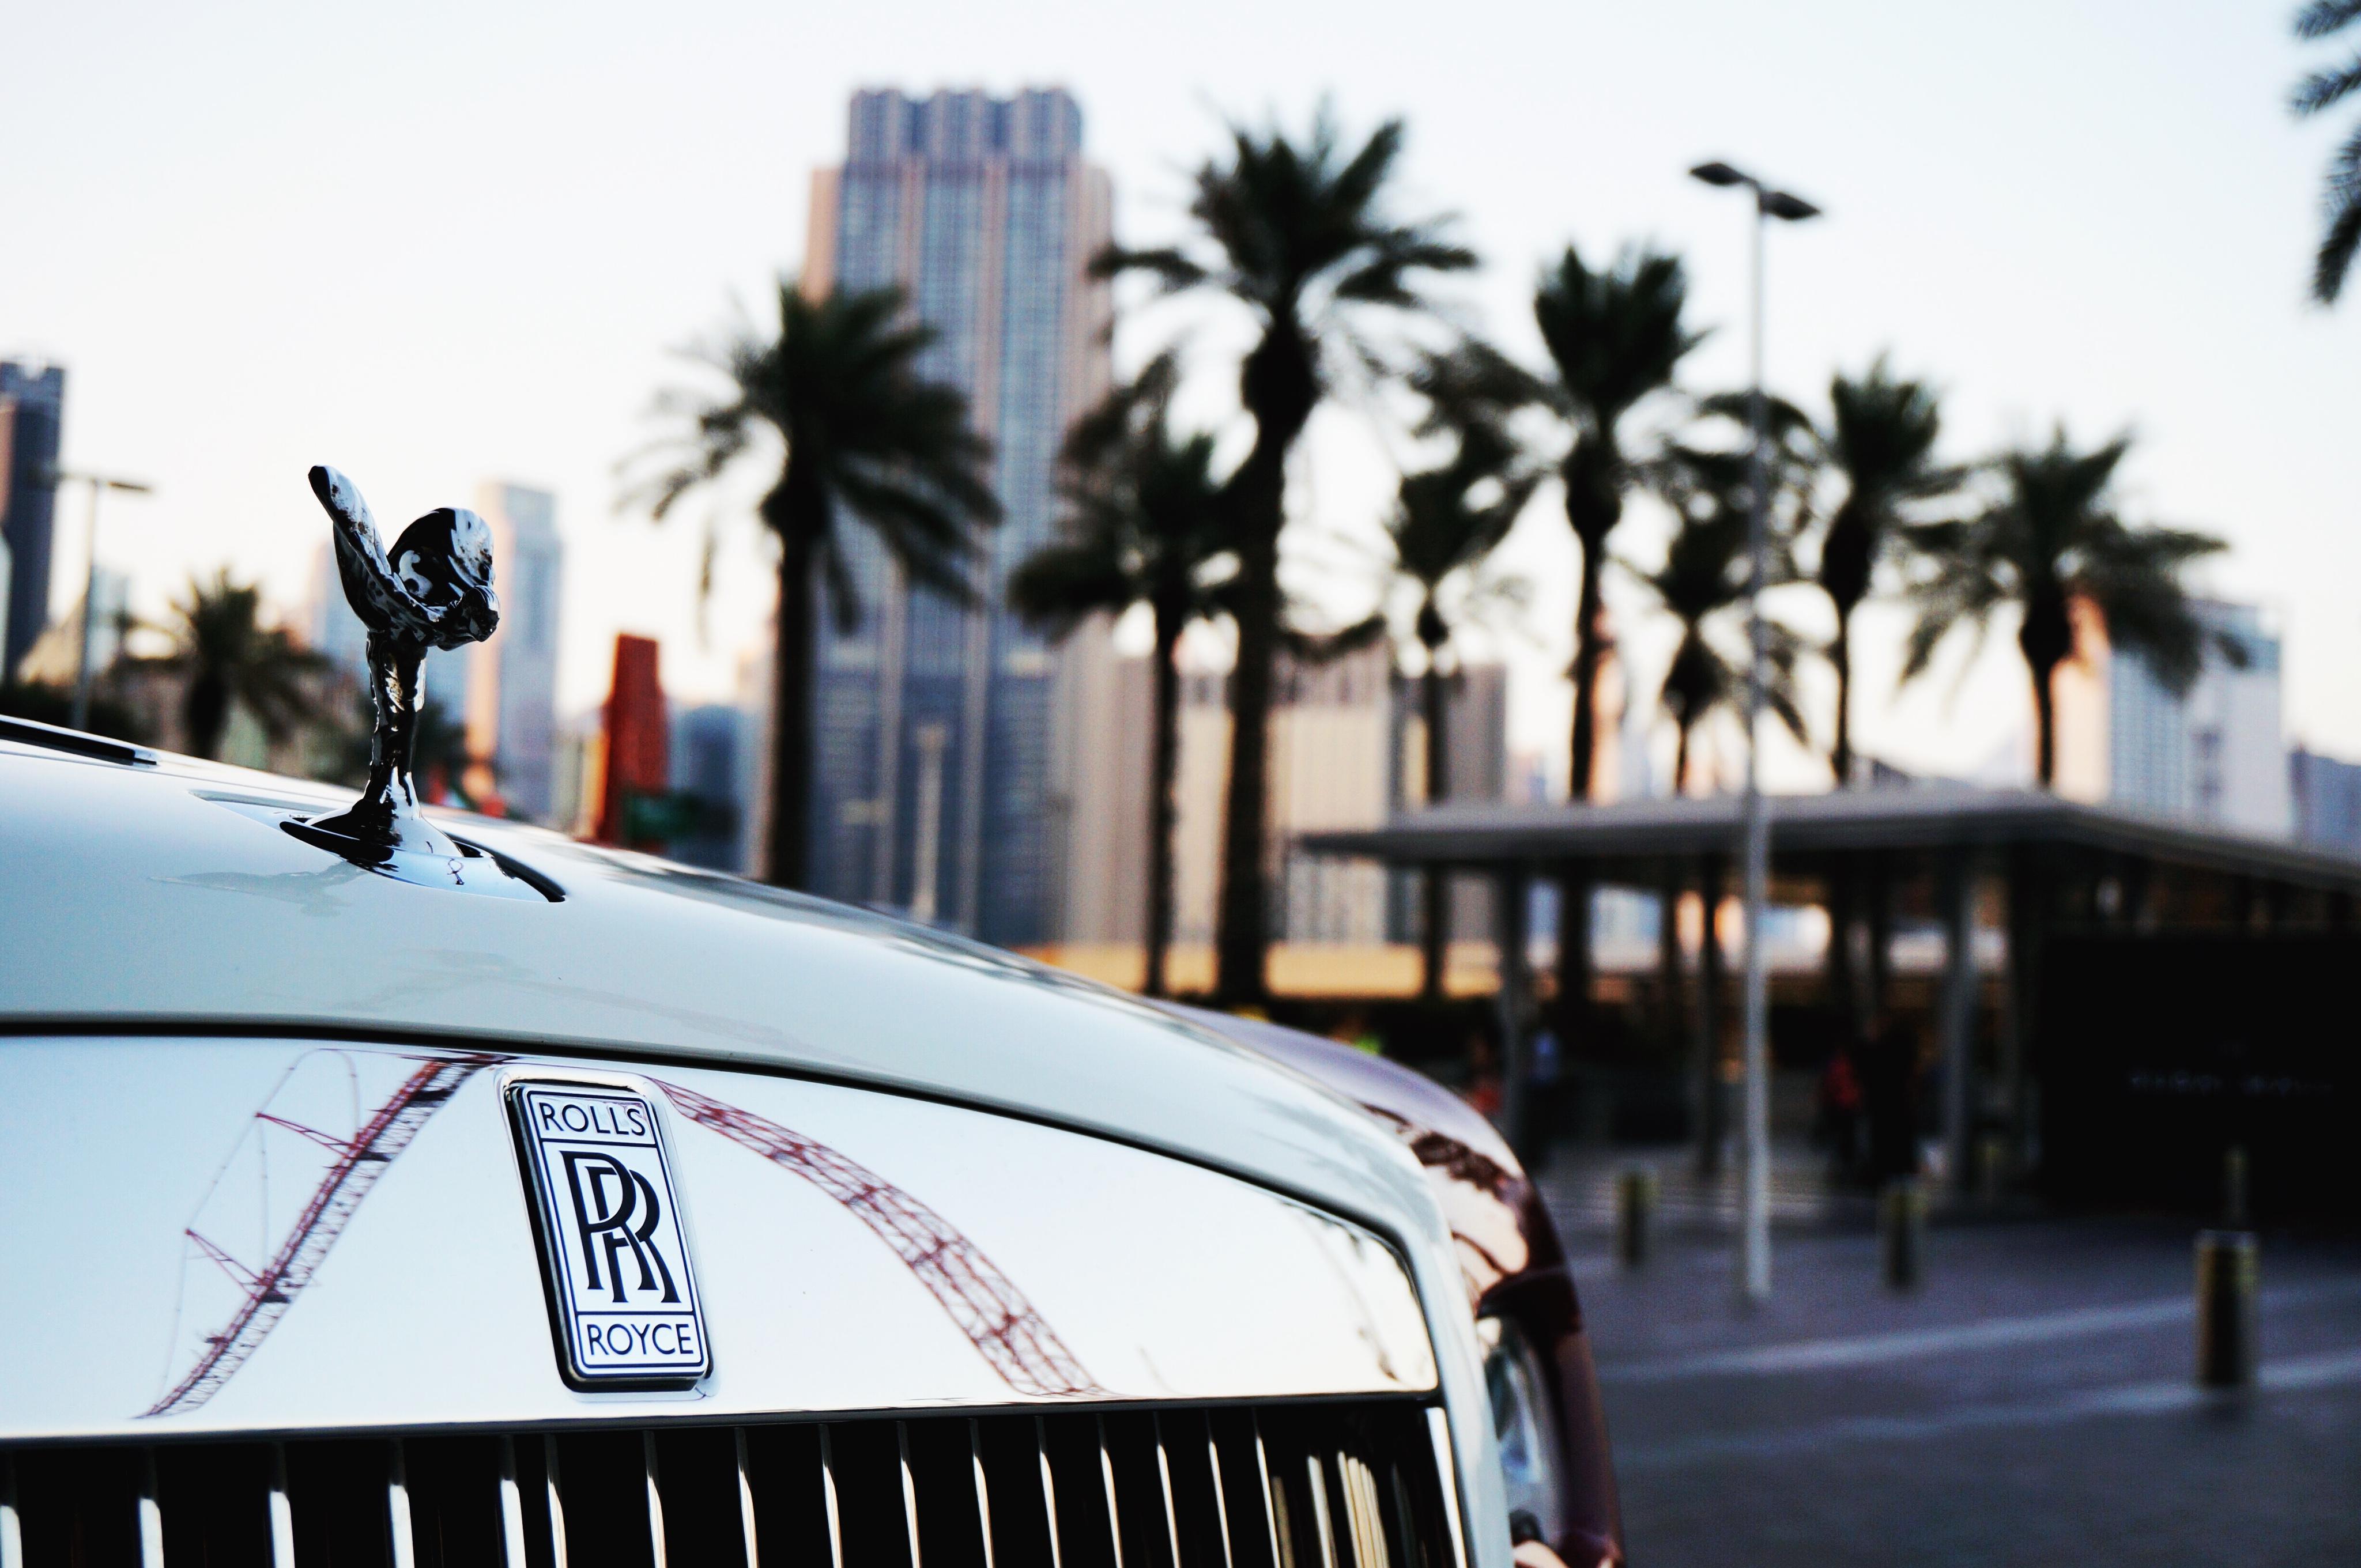 Rolls Royce - was für ein Auto